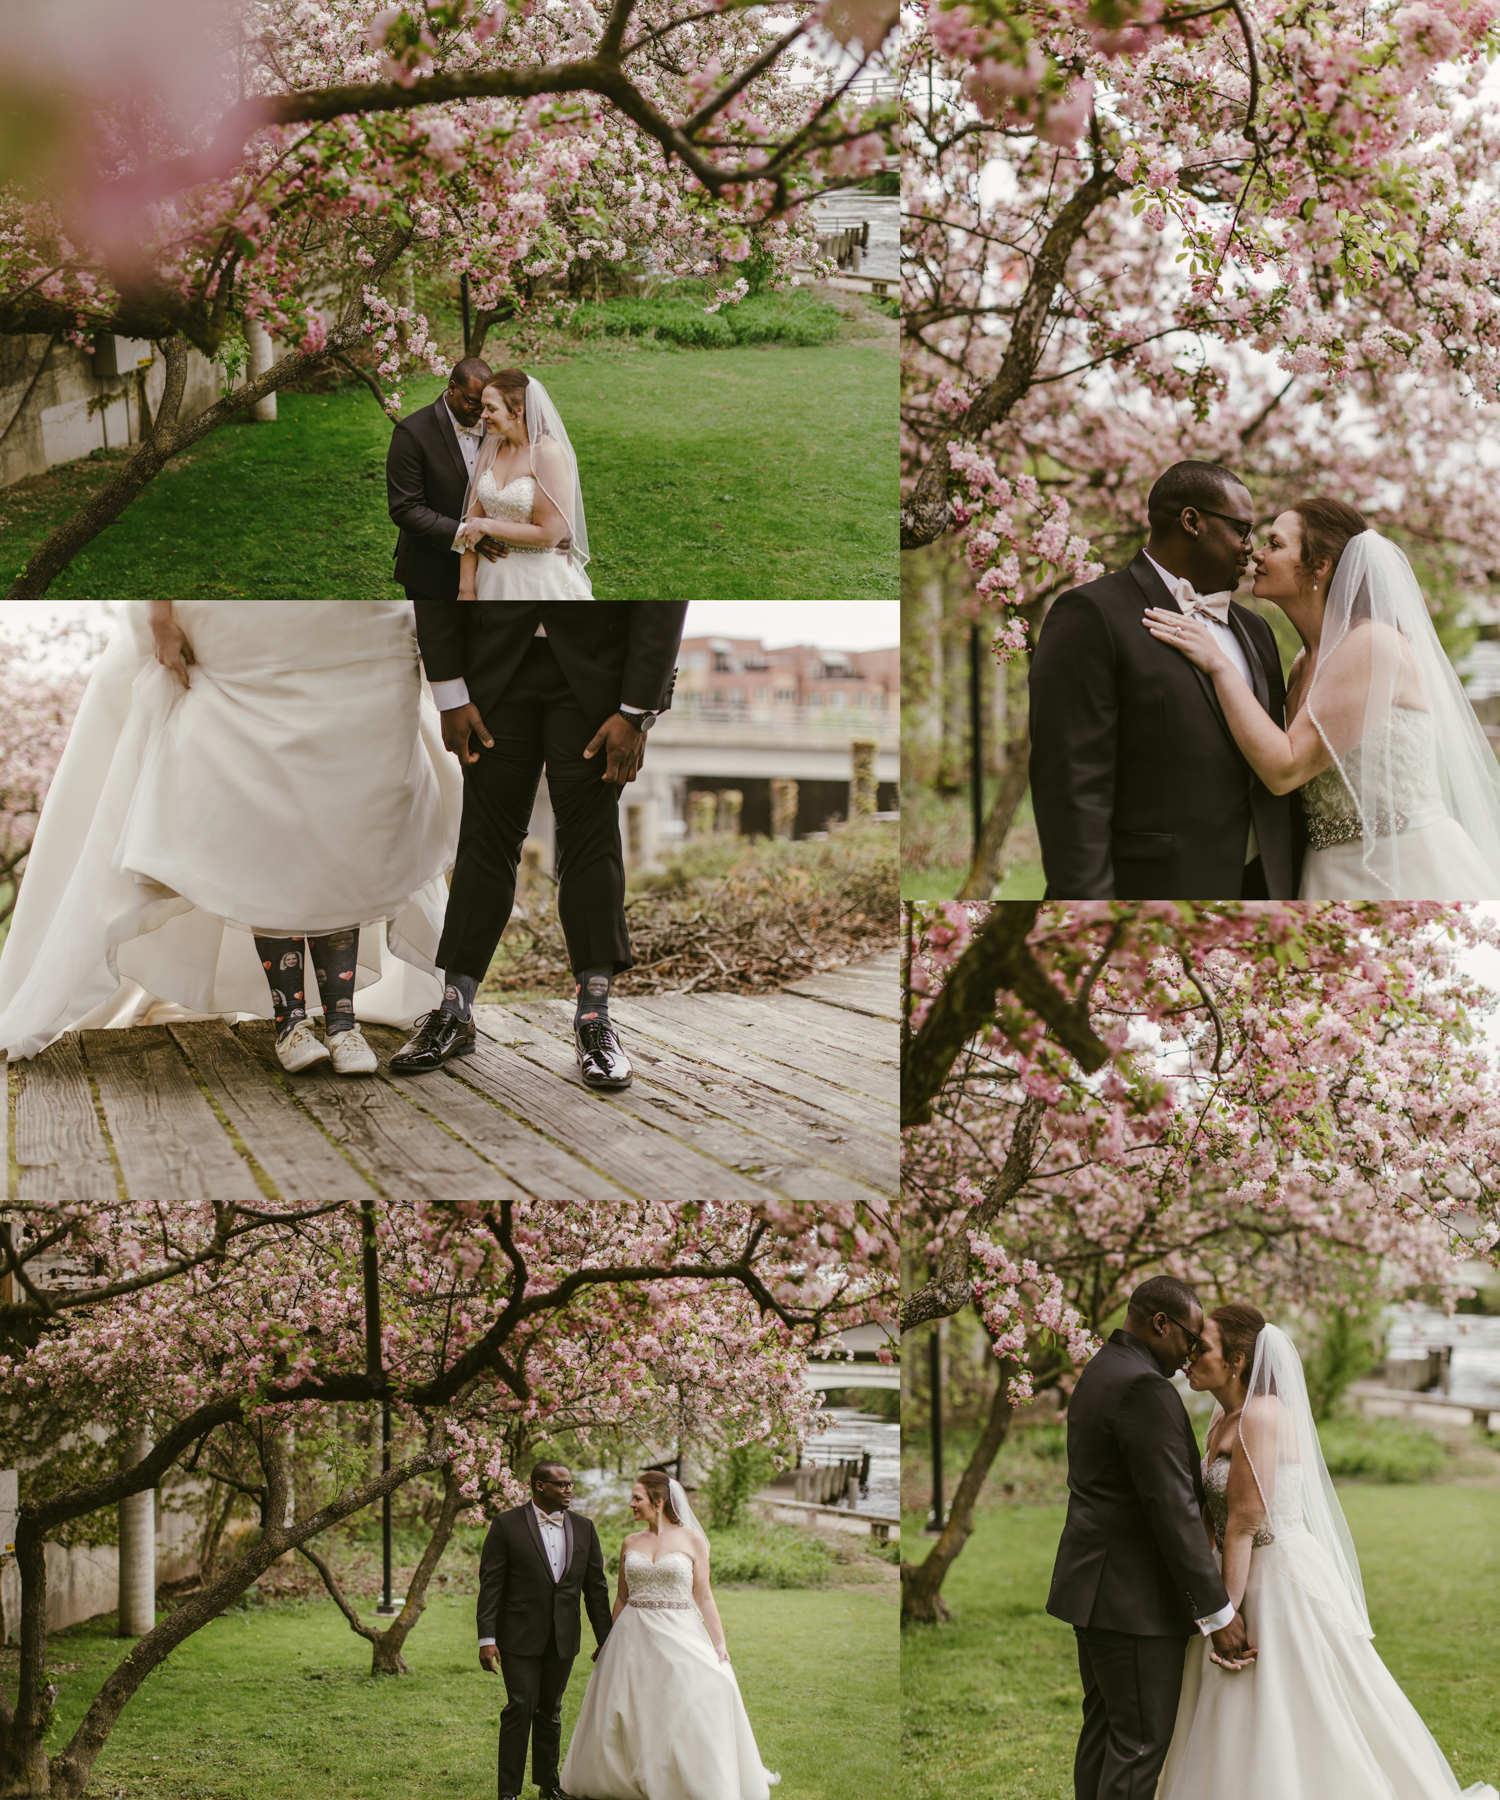 014 victoria and alex wedding.jpg